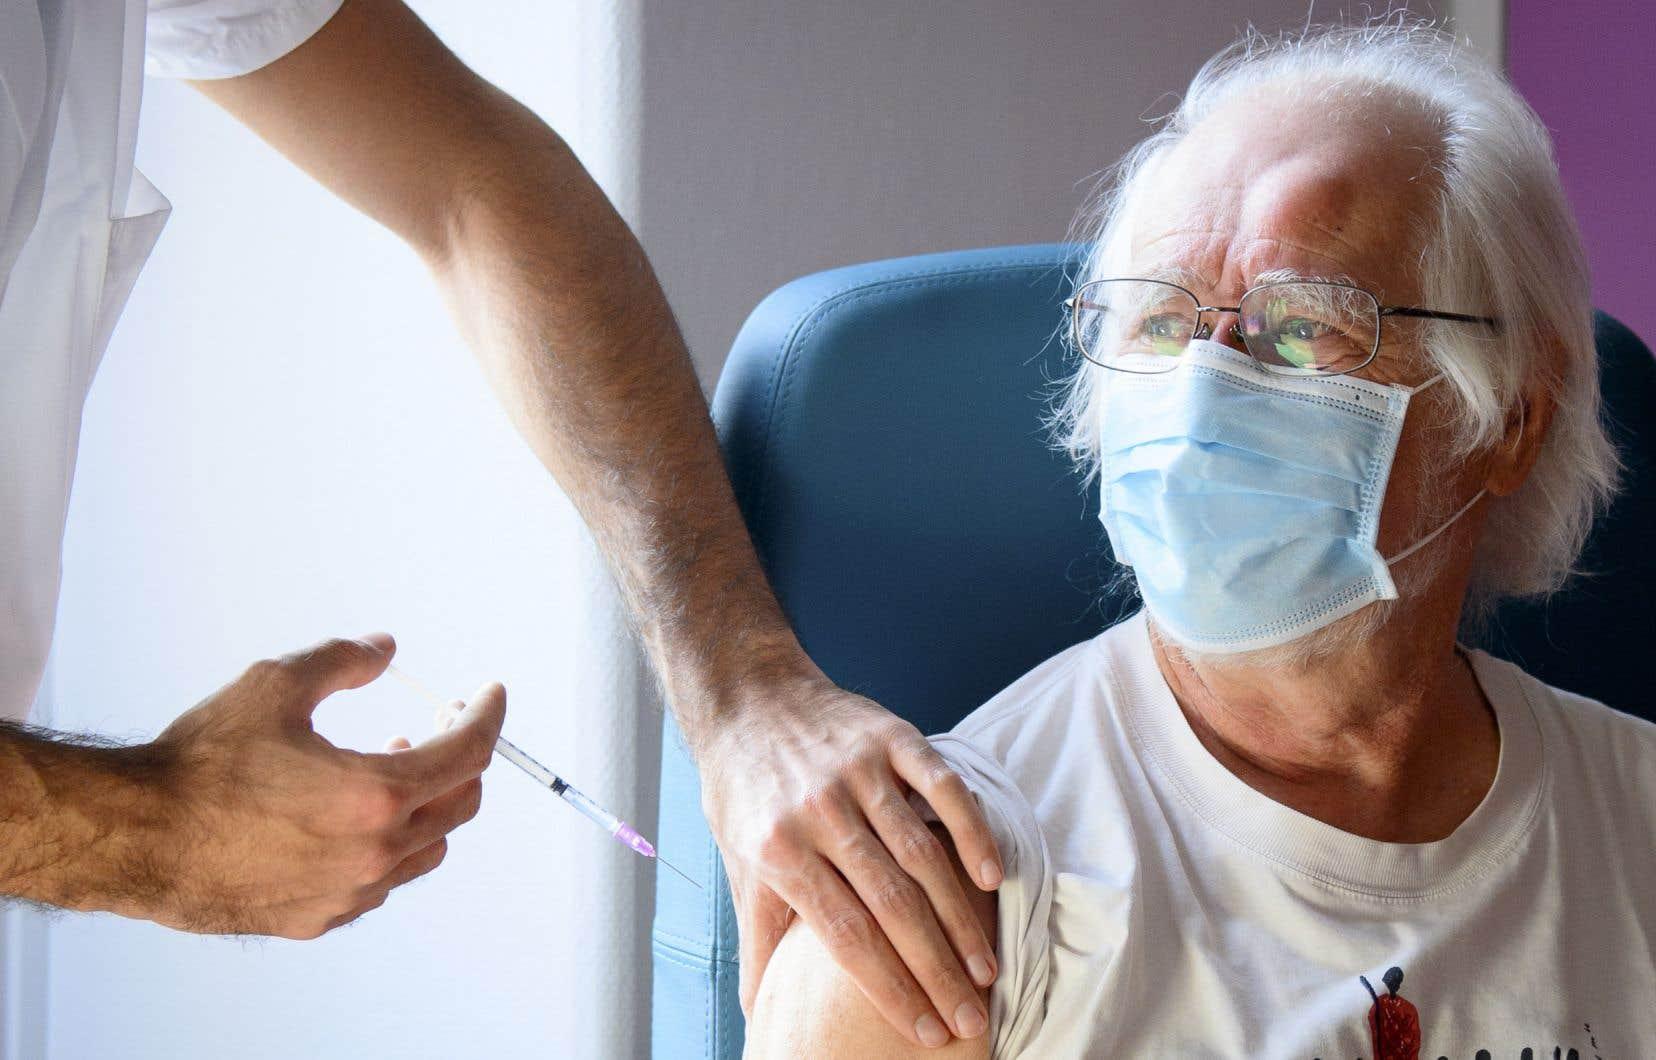 Les deux fabricants des vaccins contre la COVID-19, Pfizer-BioNTech et Moderna, recommandent de donner la deuxième dose dans un intervalle de 21 jours et 28 jours respectivement.